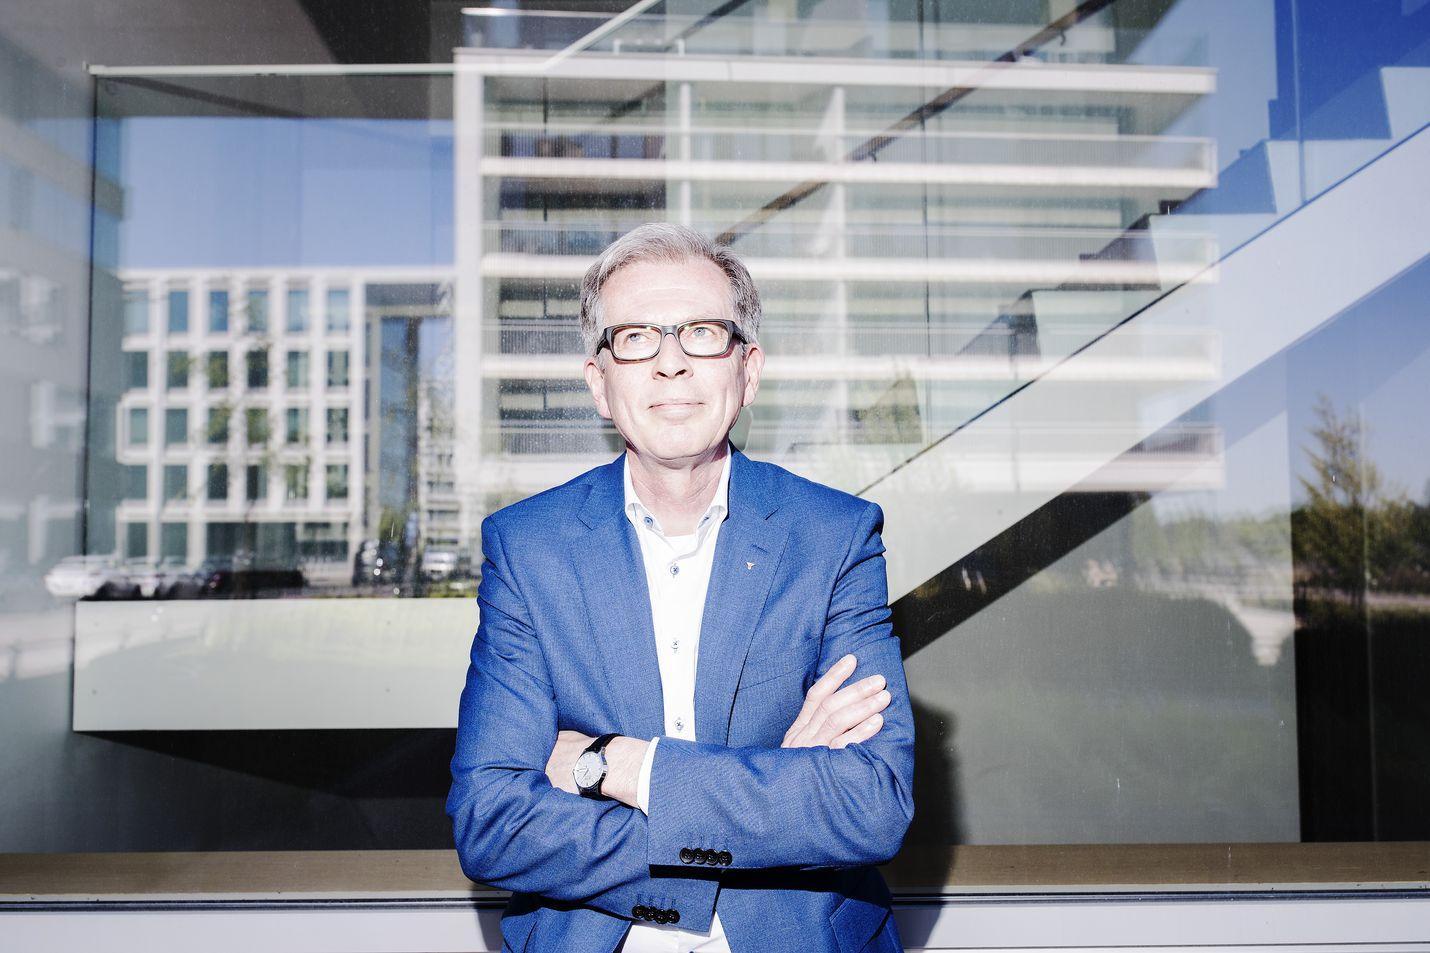 Suomen Yrittäjien puheenjohtajan tehtävästä tänään luopuva Jyrki Mäkynen korostaa, että Suomi tarvitsee enemmän kuin koskaan yrityksiä ja kasvuhakuisia yrittäjiä. Järjestö julkaisi sata ehdotusta Suomen uudistamiseksi.